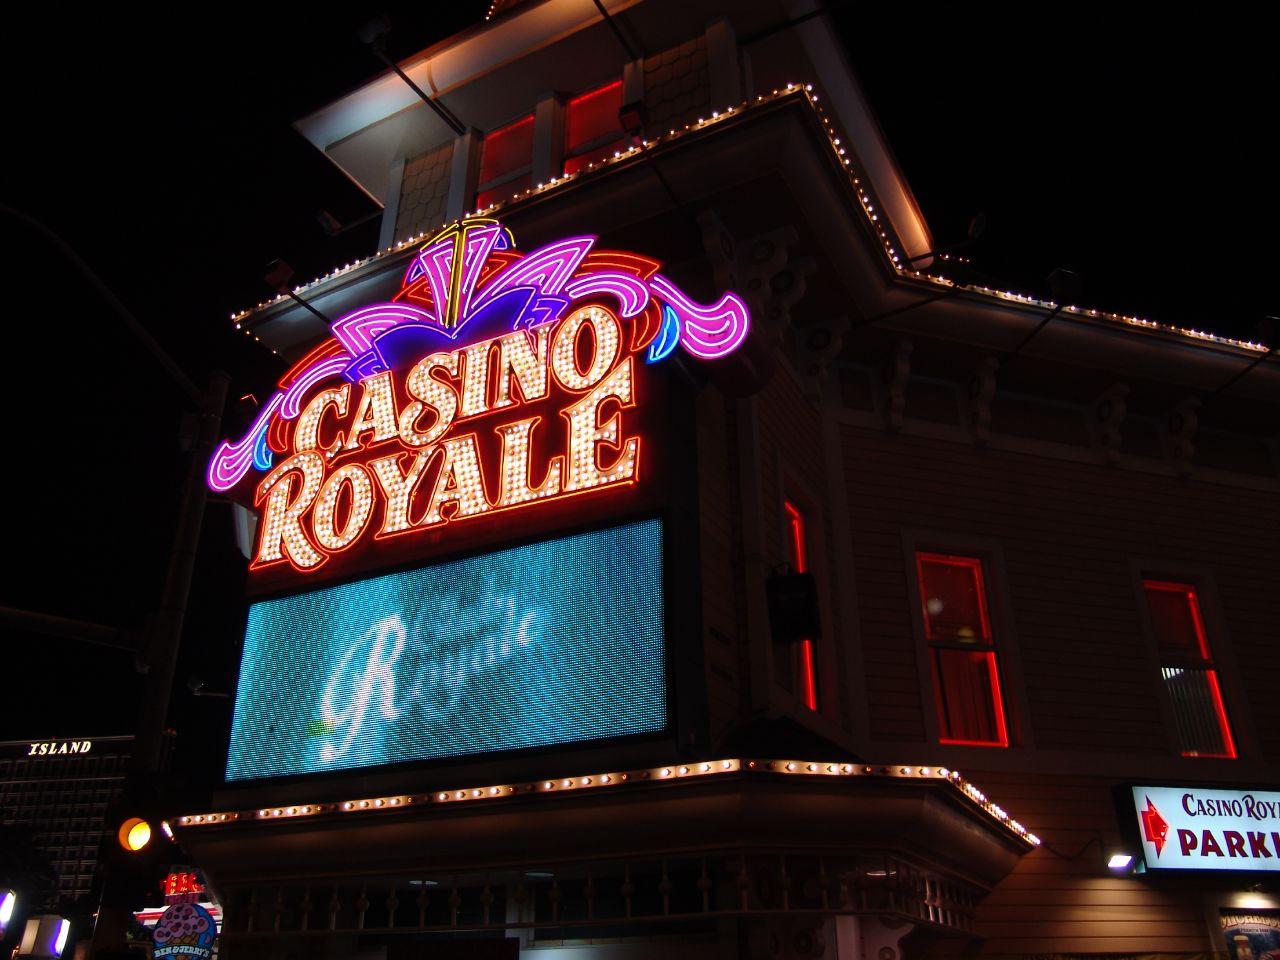 Des suggestions pour des jeux casino